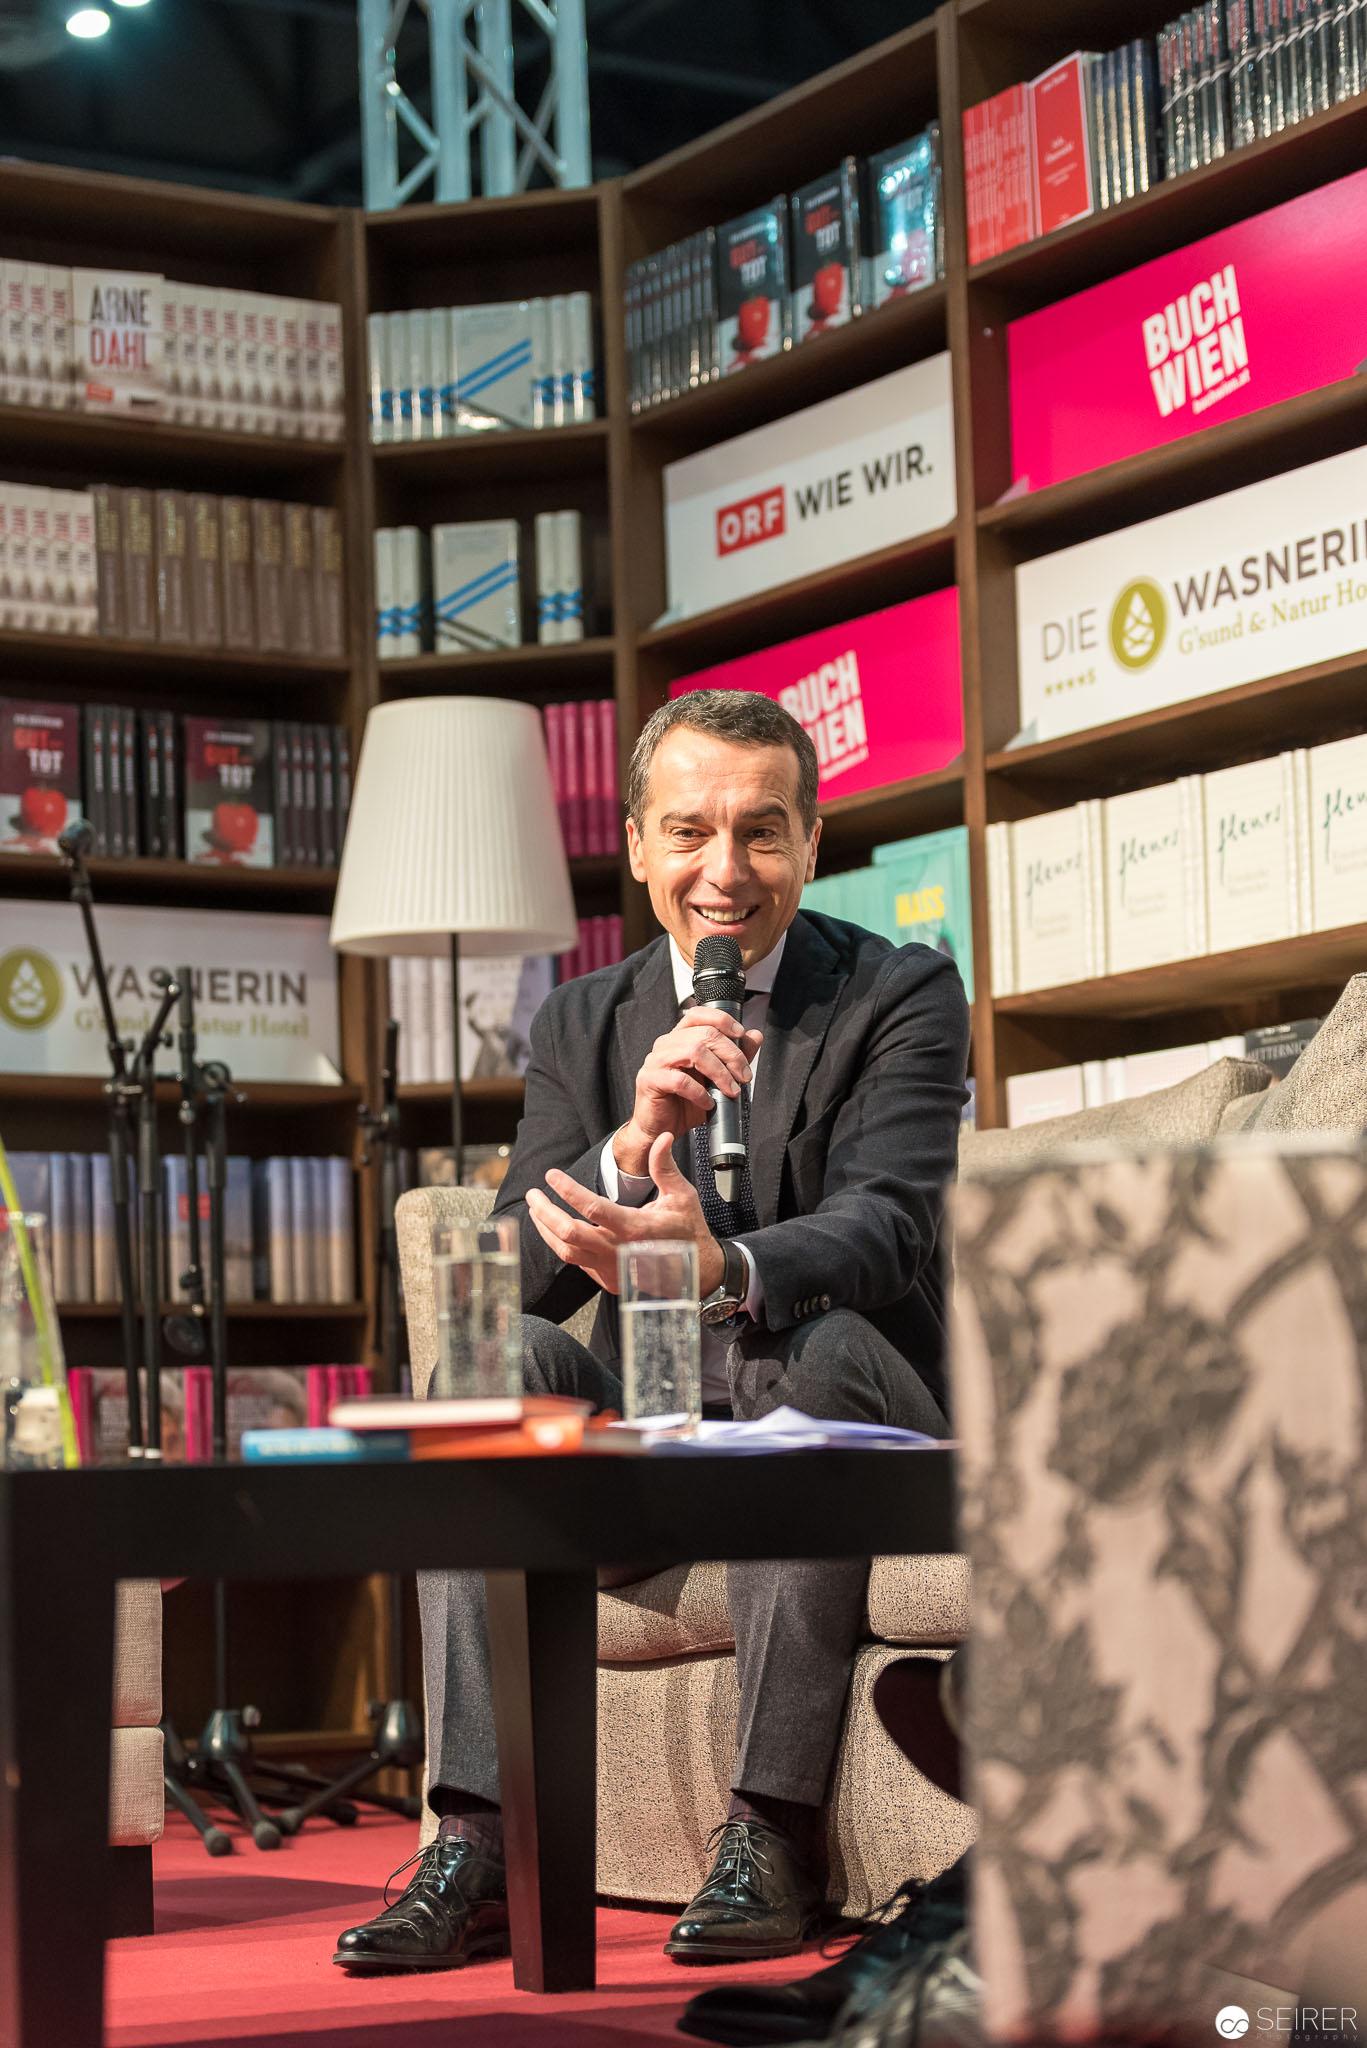 Christian Kern auf der Buch Wien 2016